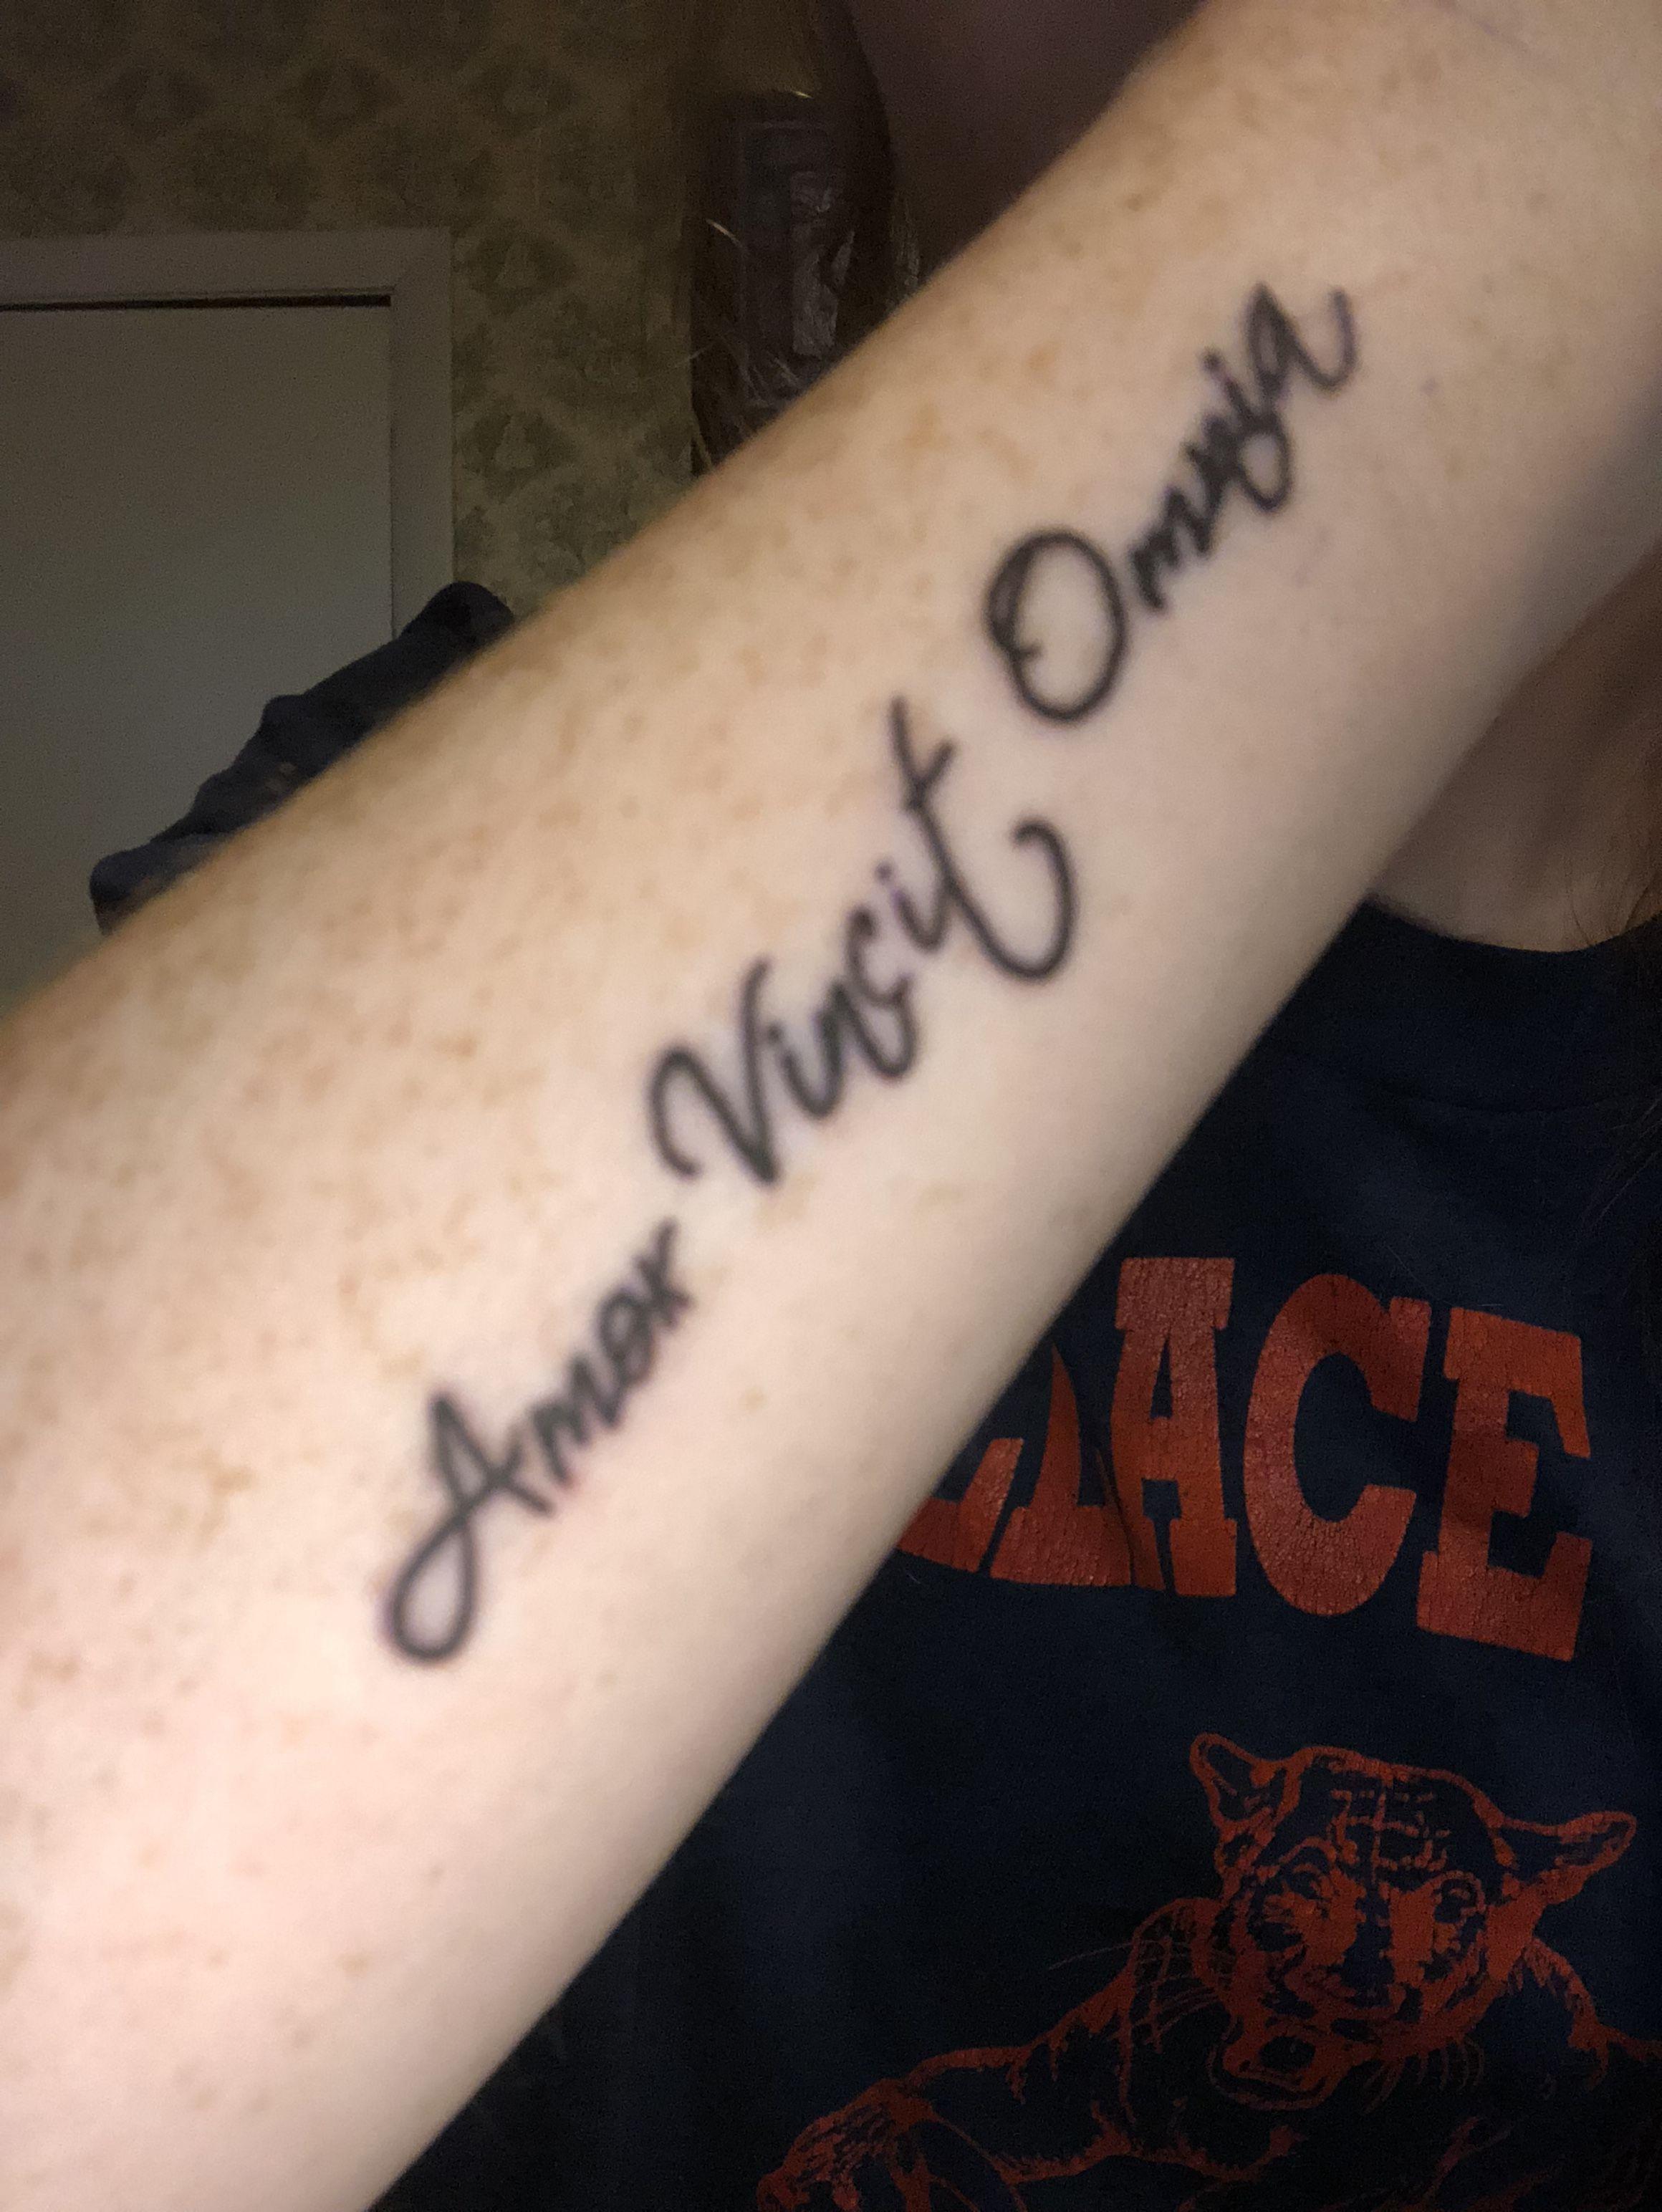 Amor Vincit Omnia Latin Qoutes Tattoo Tattooidea Tattoos